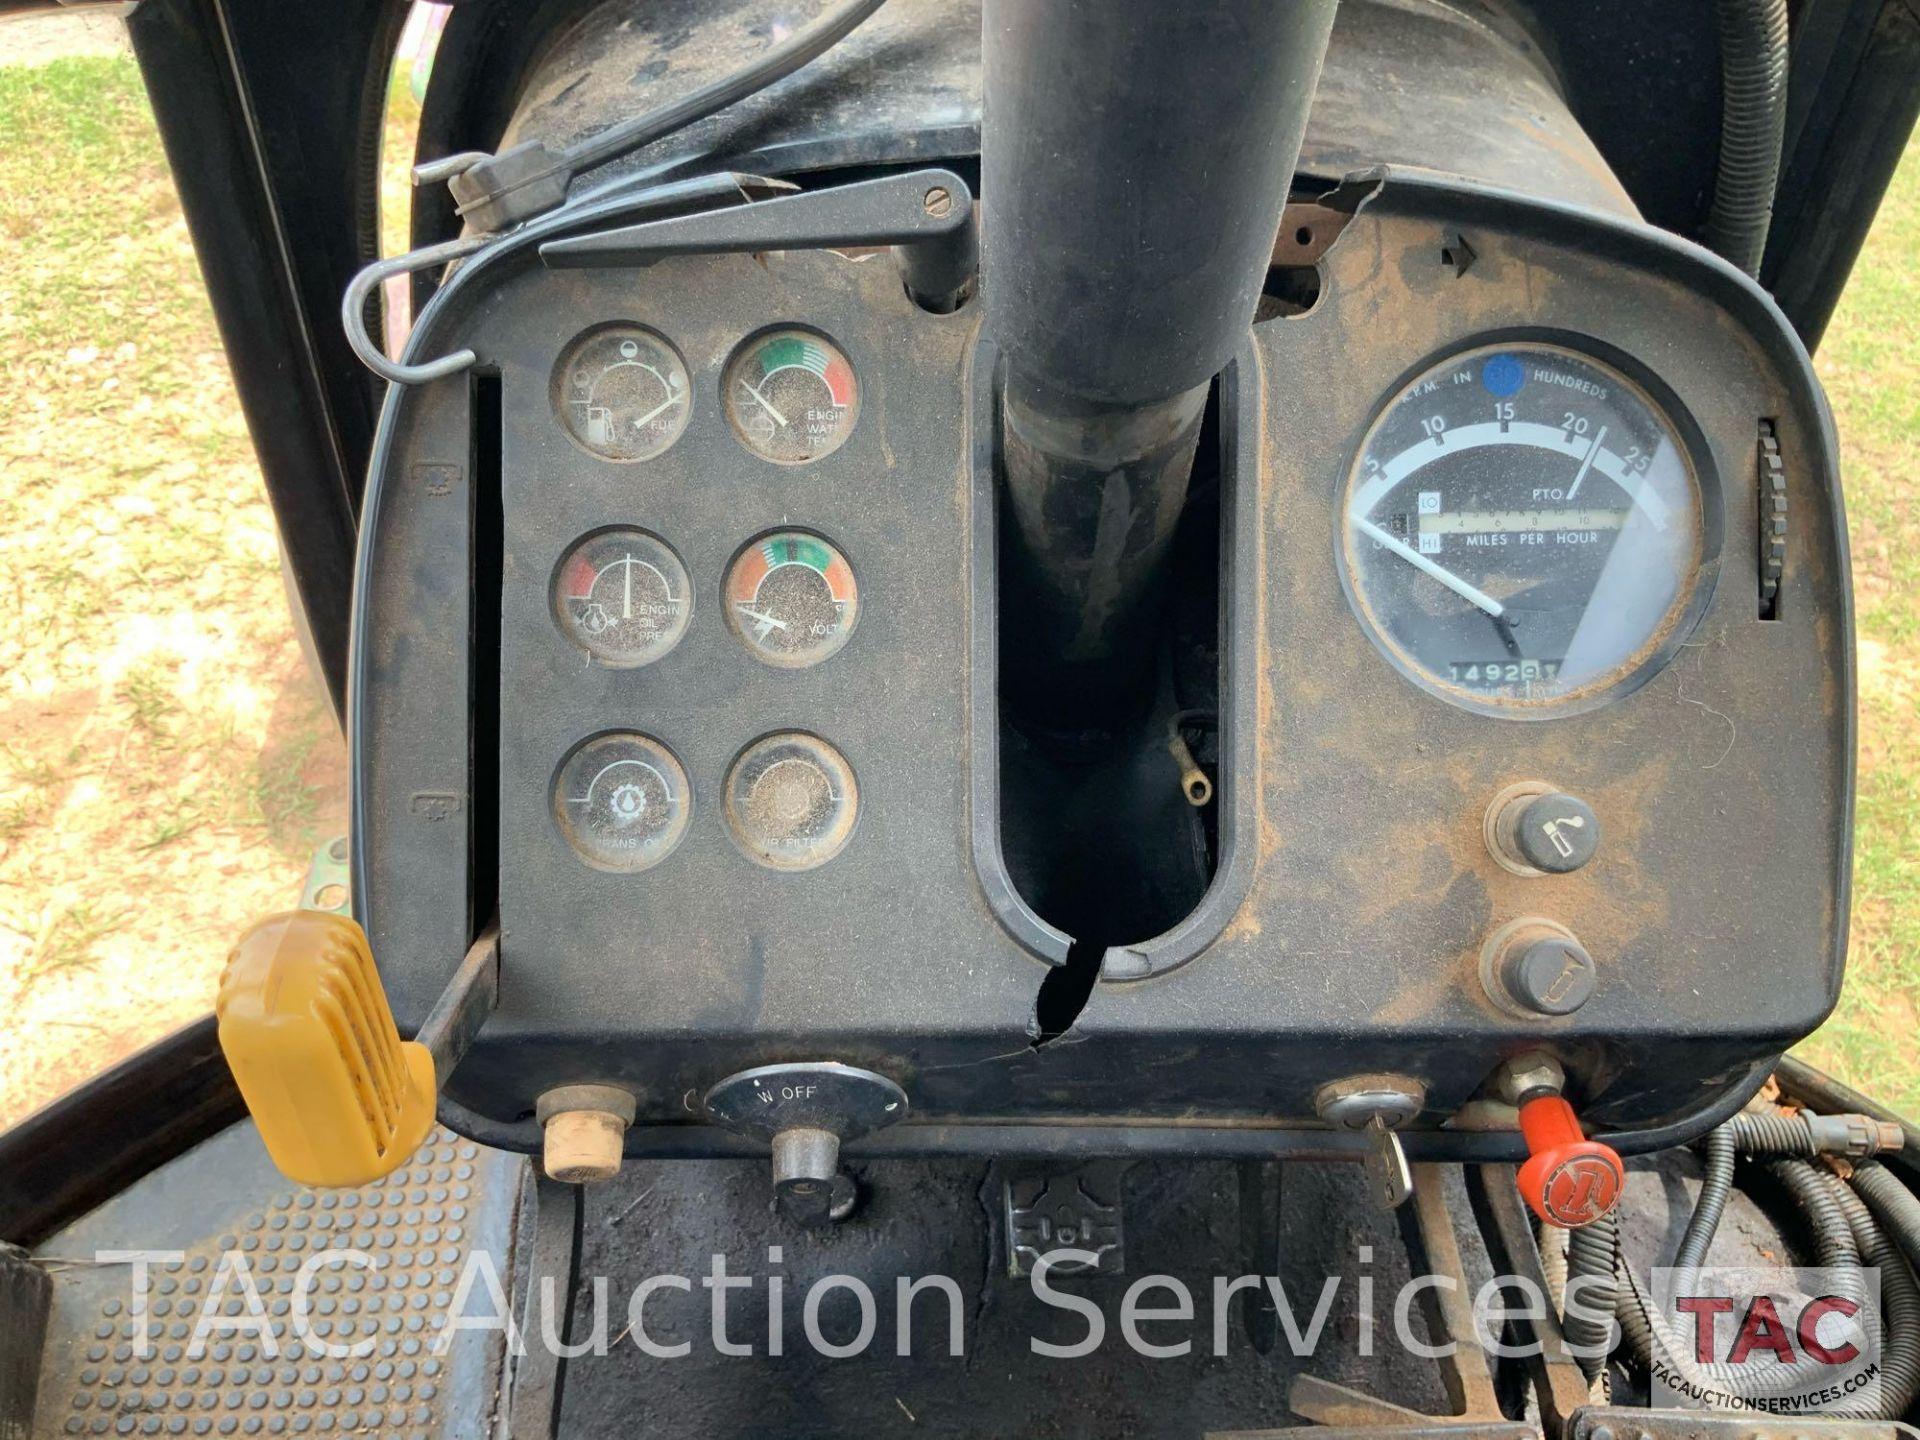 John Deere 4440 Tractor - Image 15 of 31